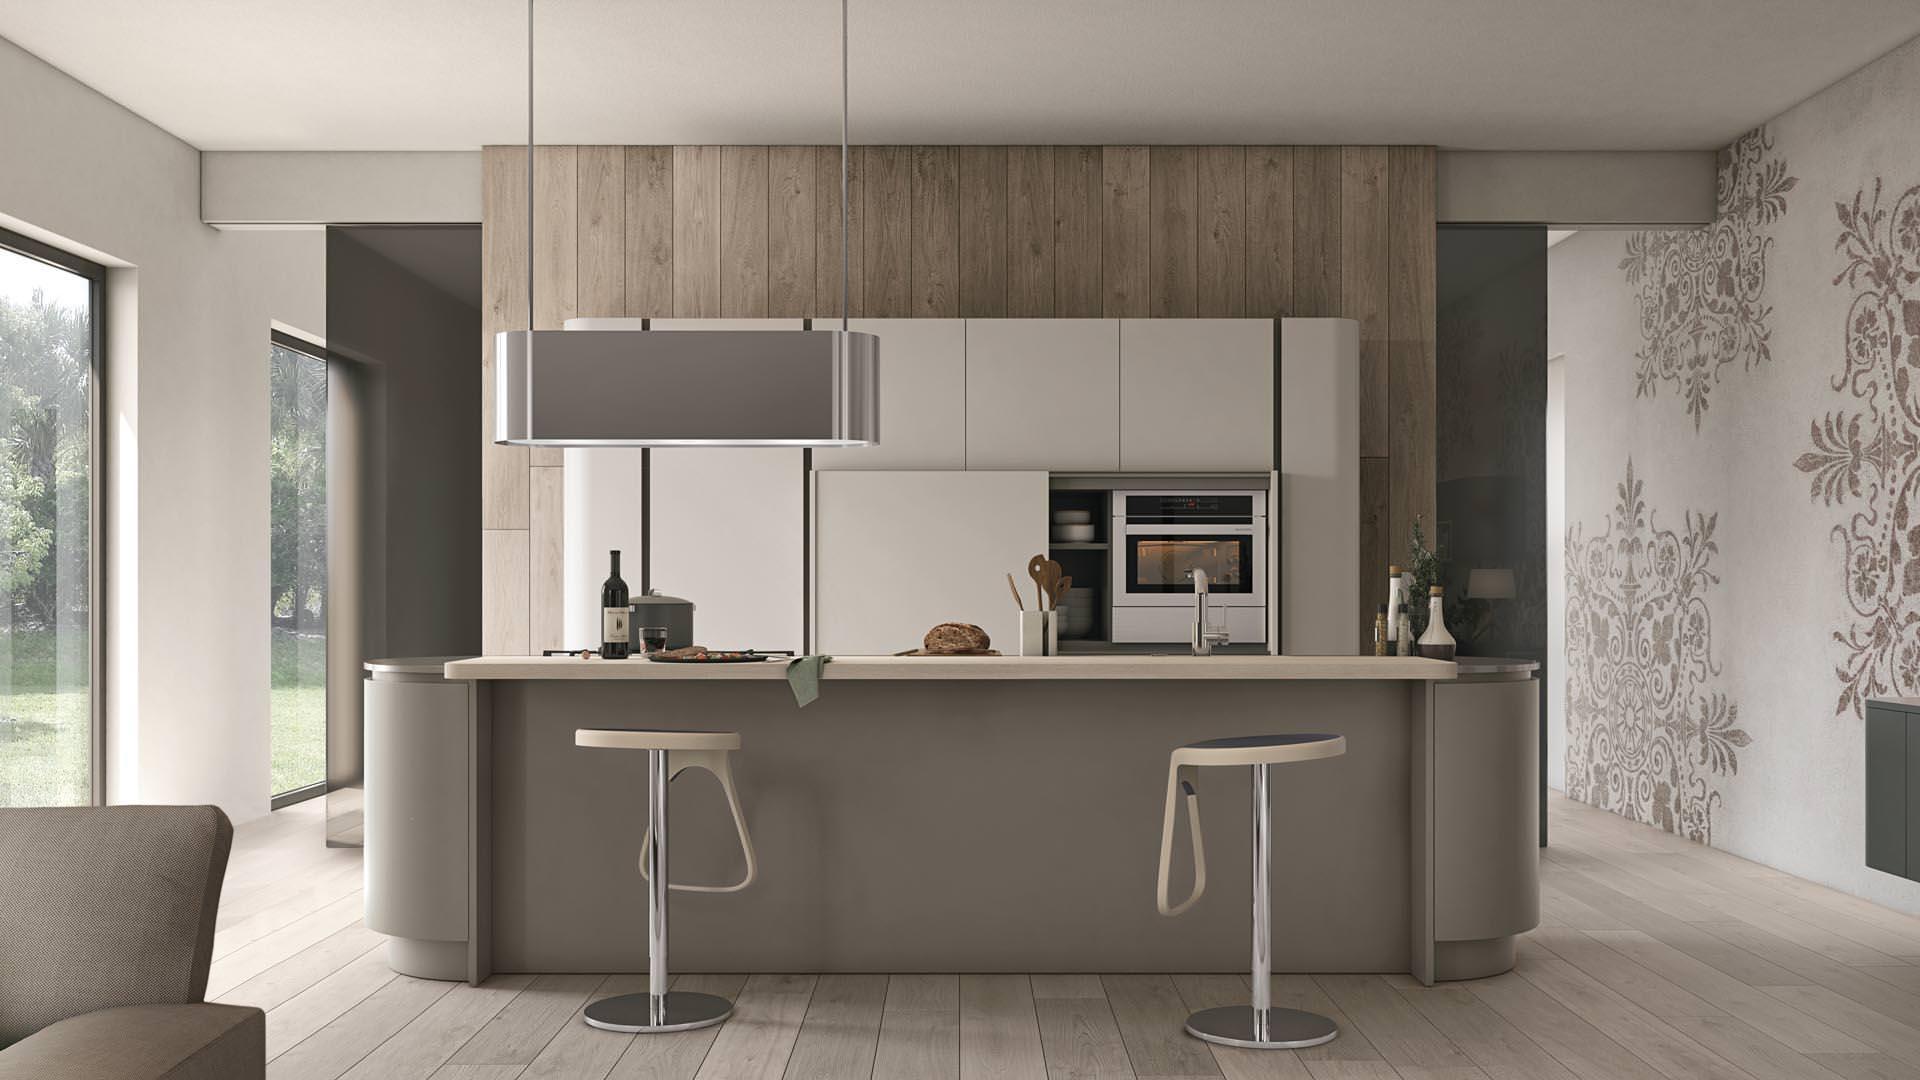 Novit cucine moderne a bari ecco la collezione lube clover neck rafaschieri arredamenti - Lube cucine moderne ...